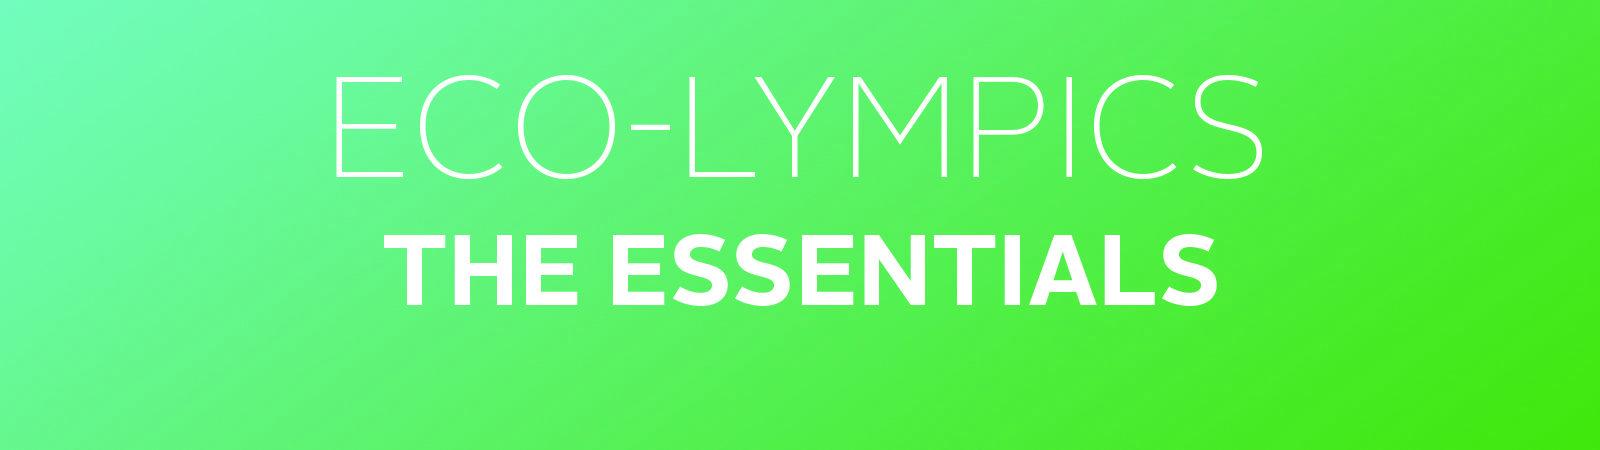 Eco-lympics The Essentials